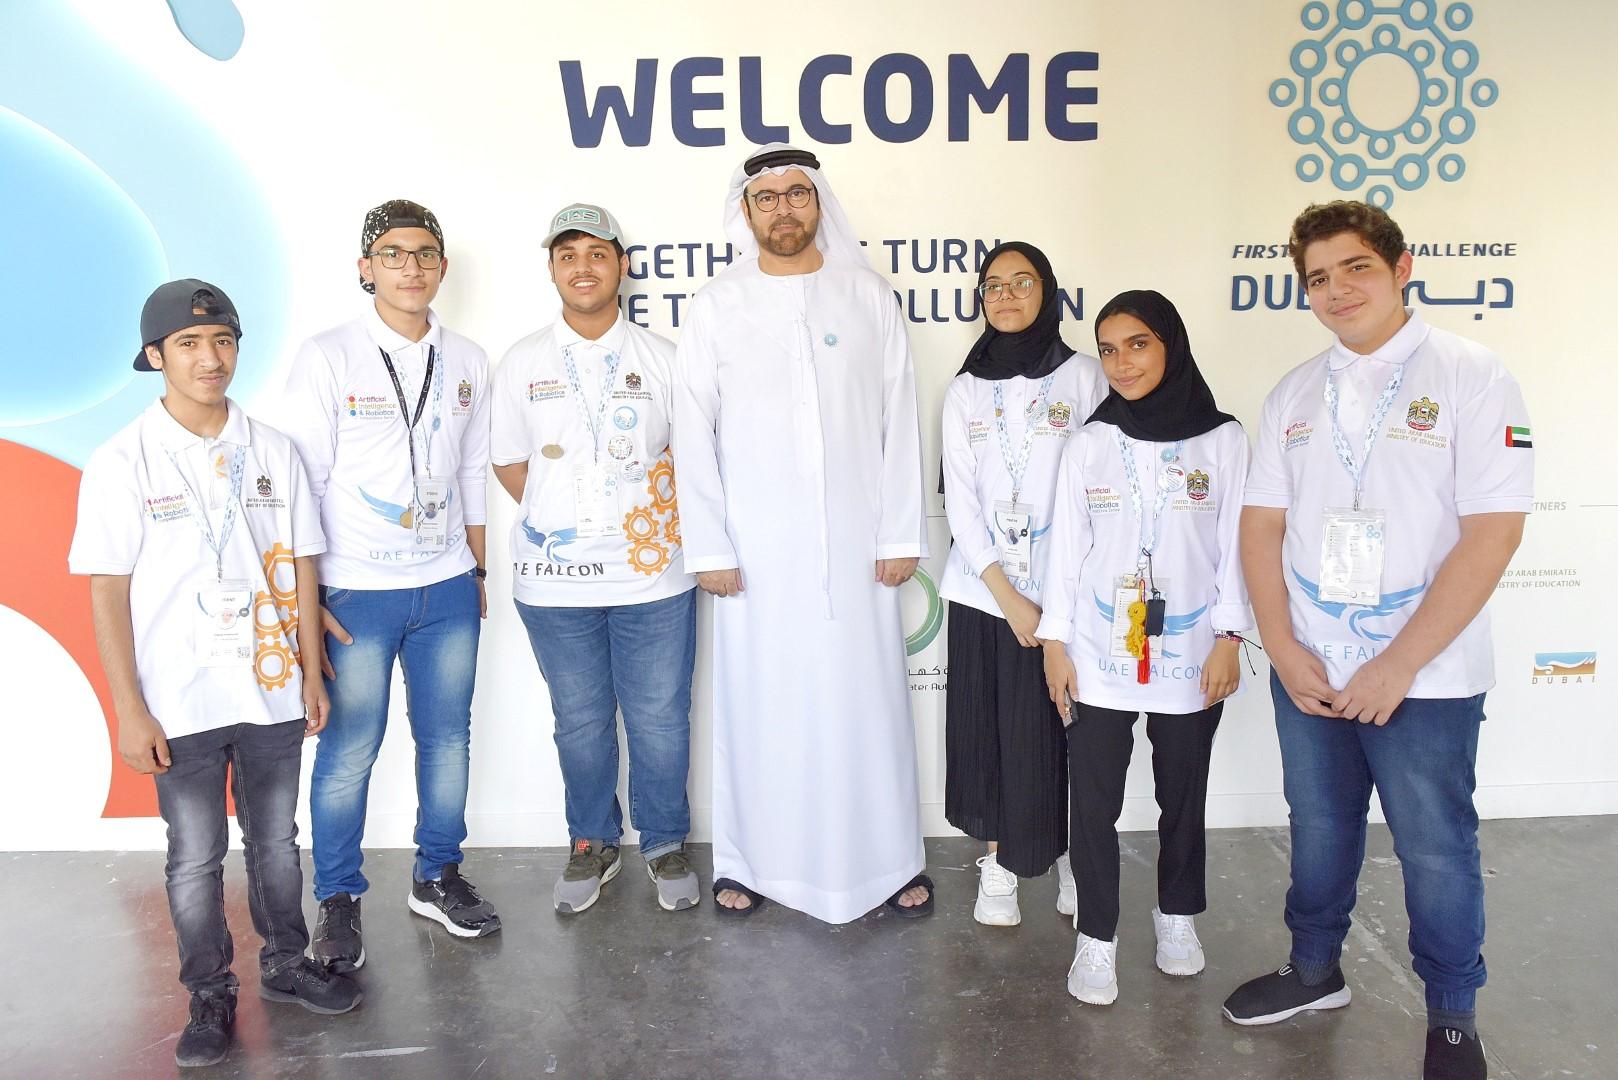 محمد القرقاوي : الإمارات منصة عالمية لمشاركة المعارف الإنسانية ومركز للتعاون في صناعة المستقبل وخير المجتمعات